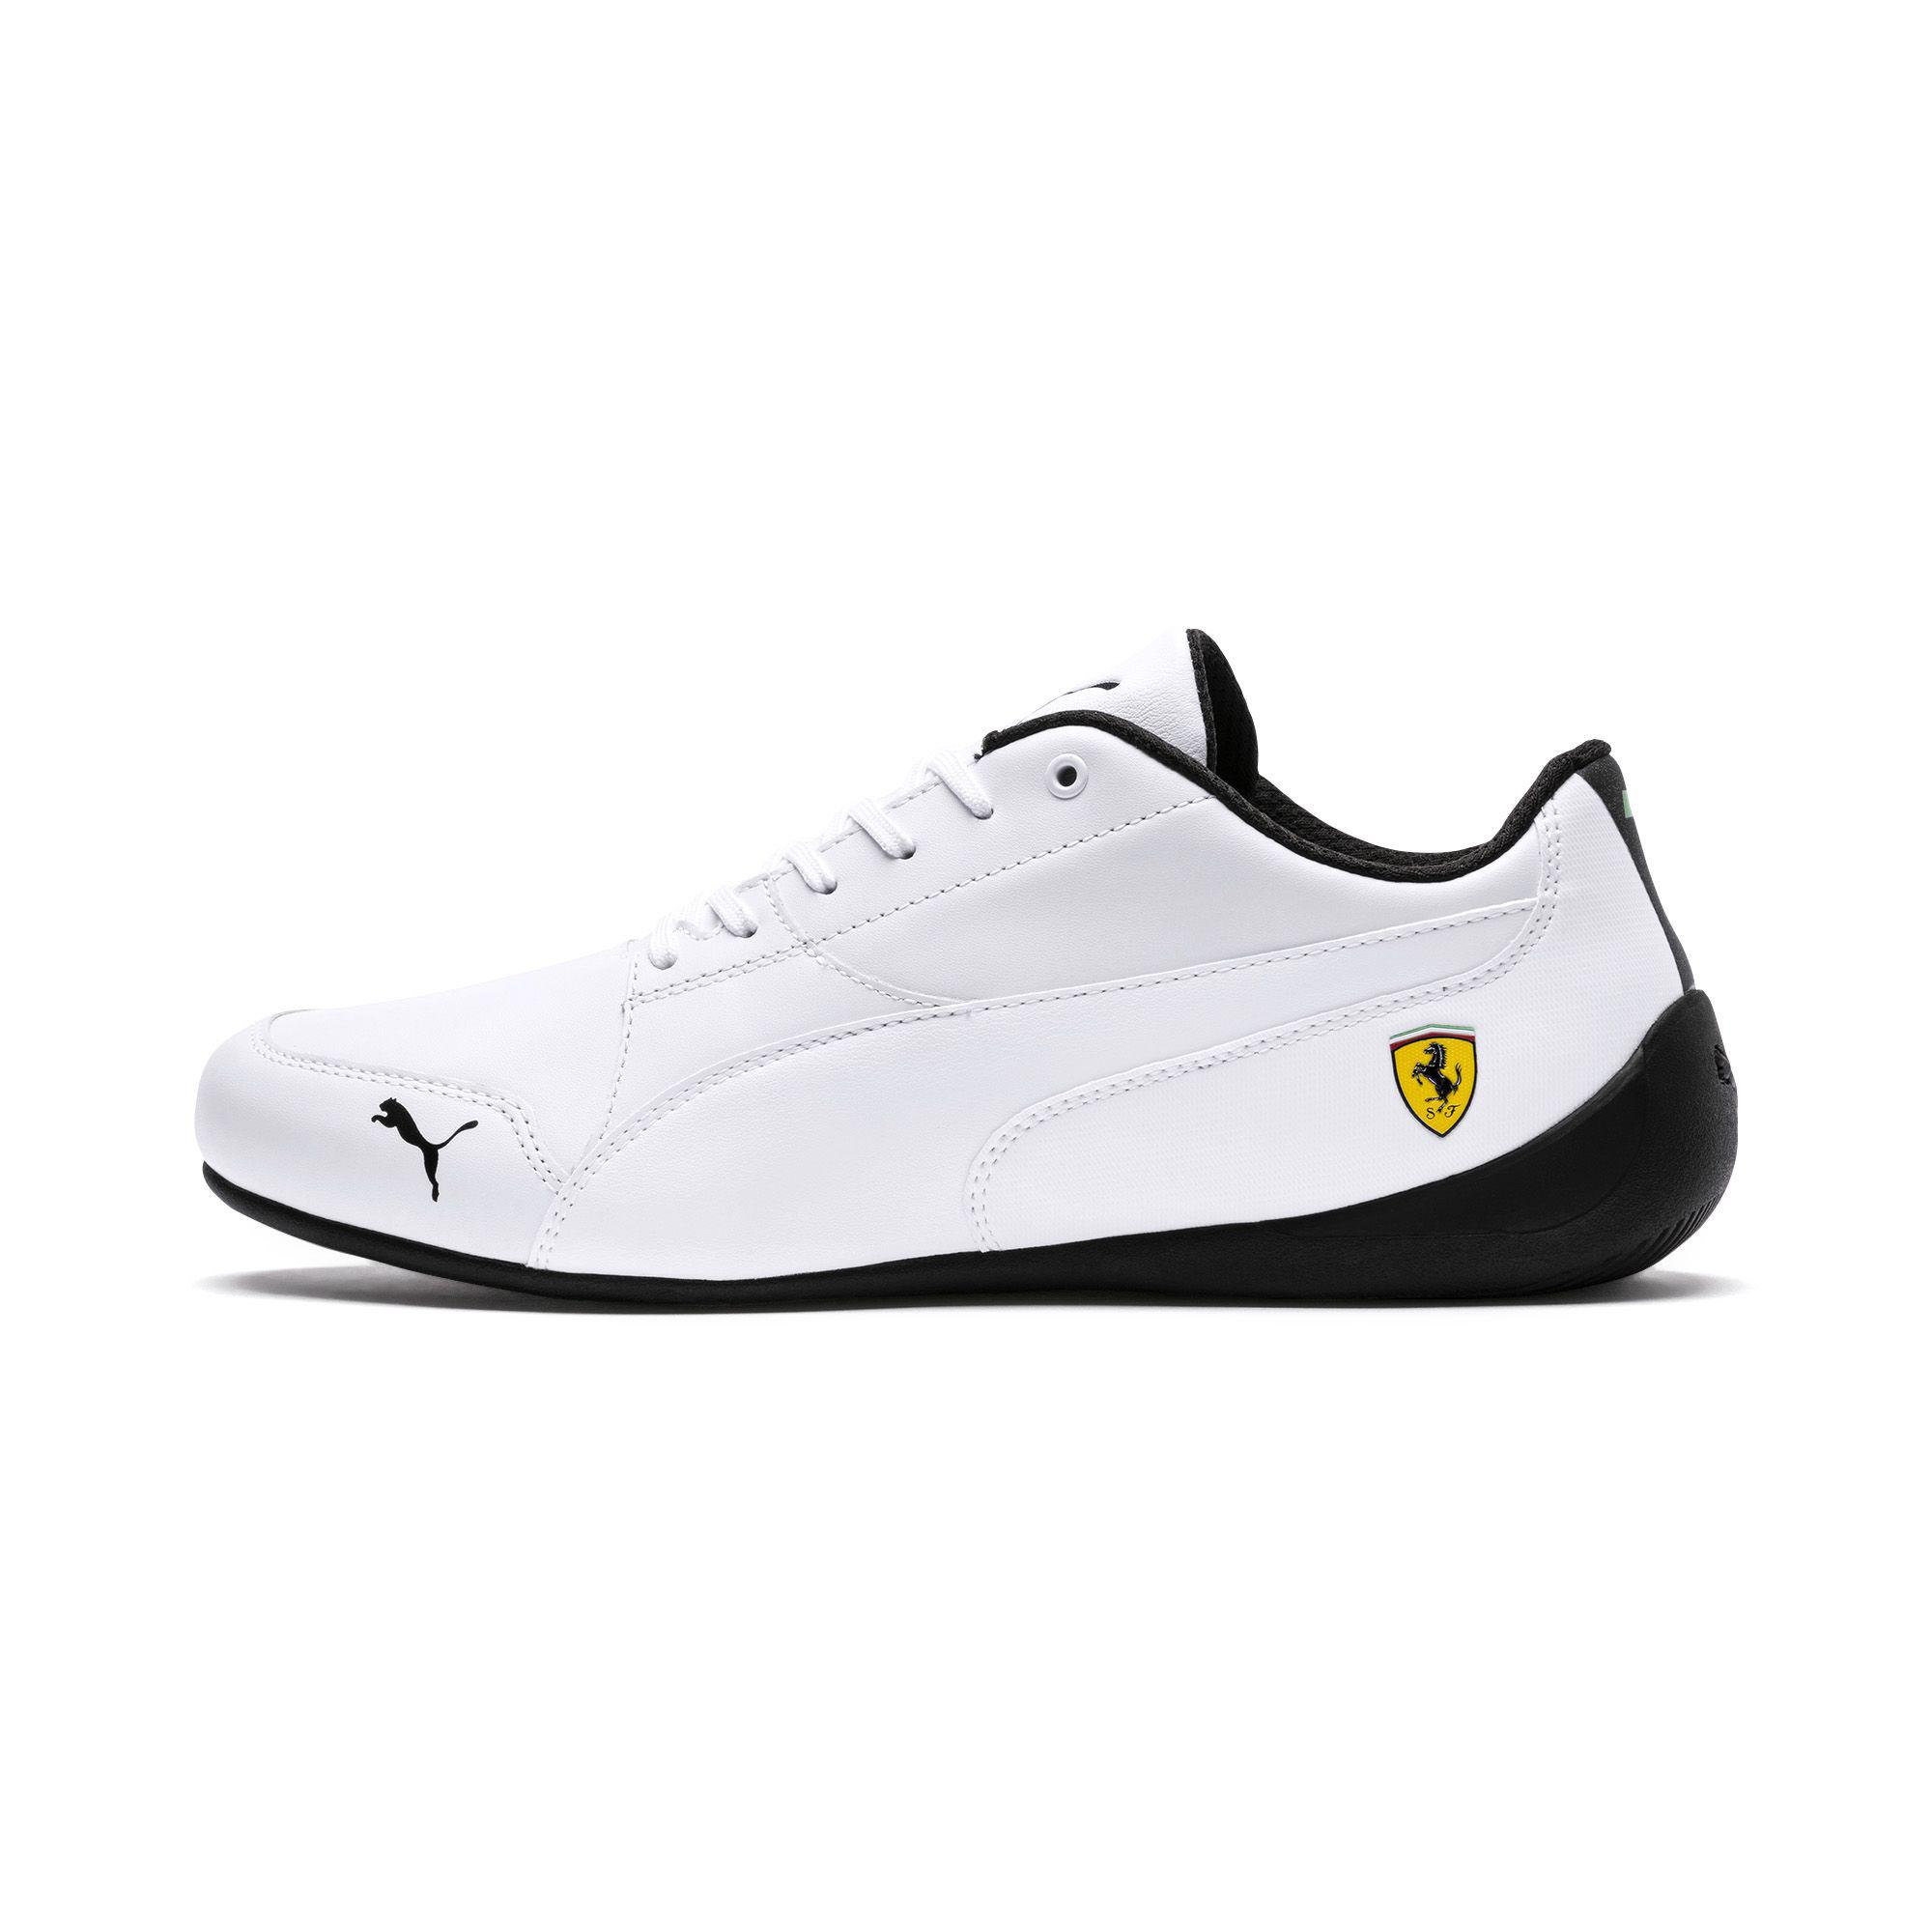 Lyst - PUMA Ferrari Drift Cat 7 Sneakers in White for Men 27b0a6ed2